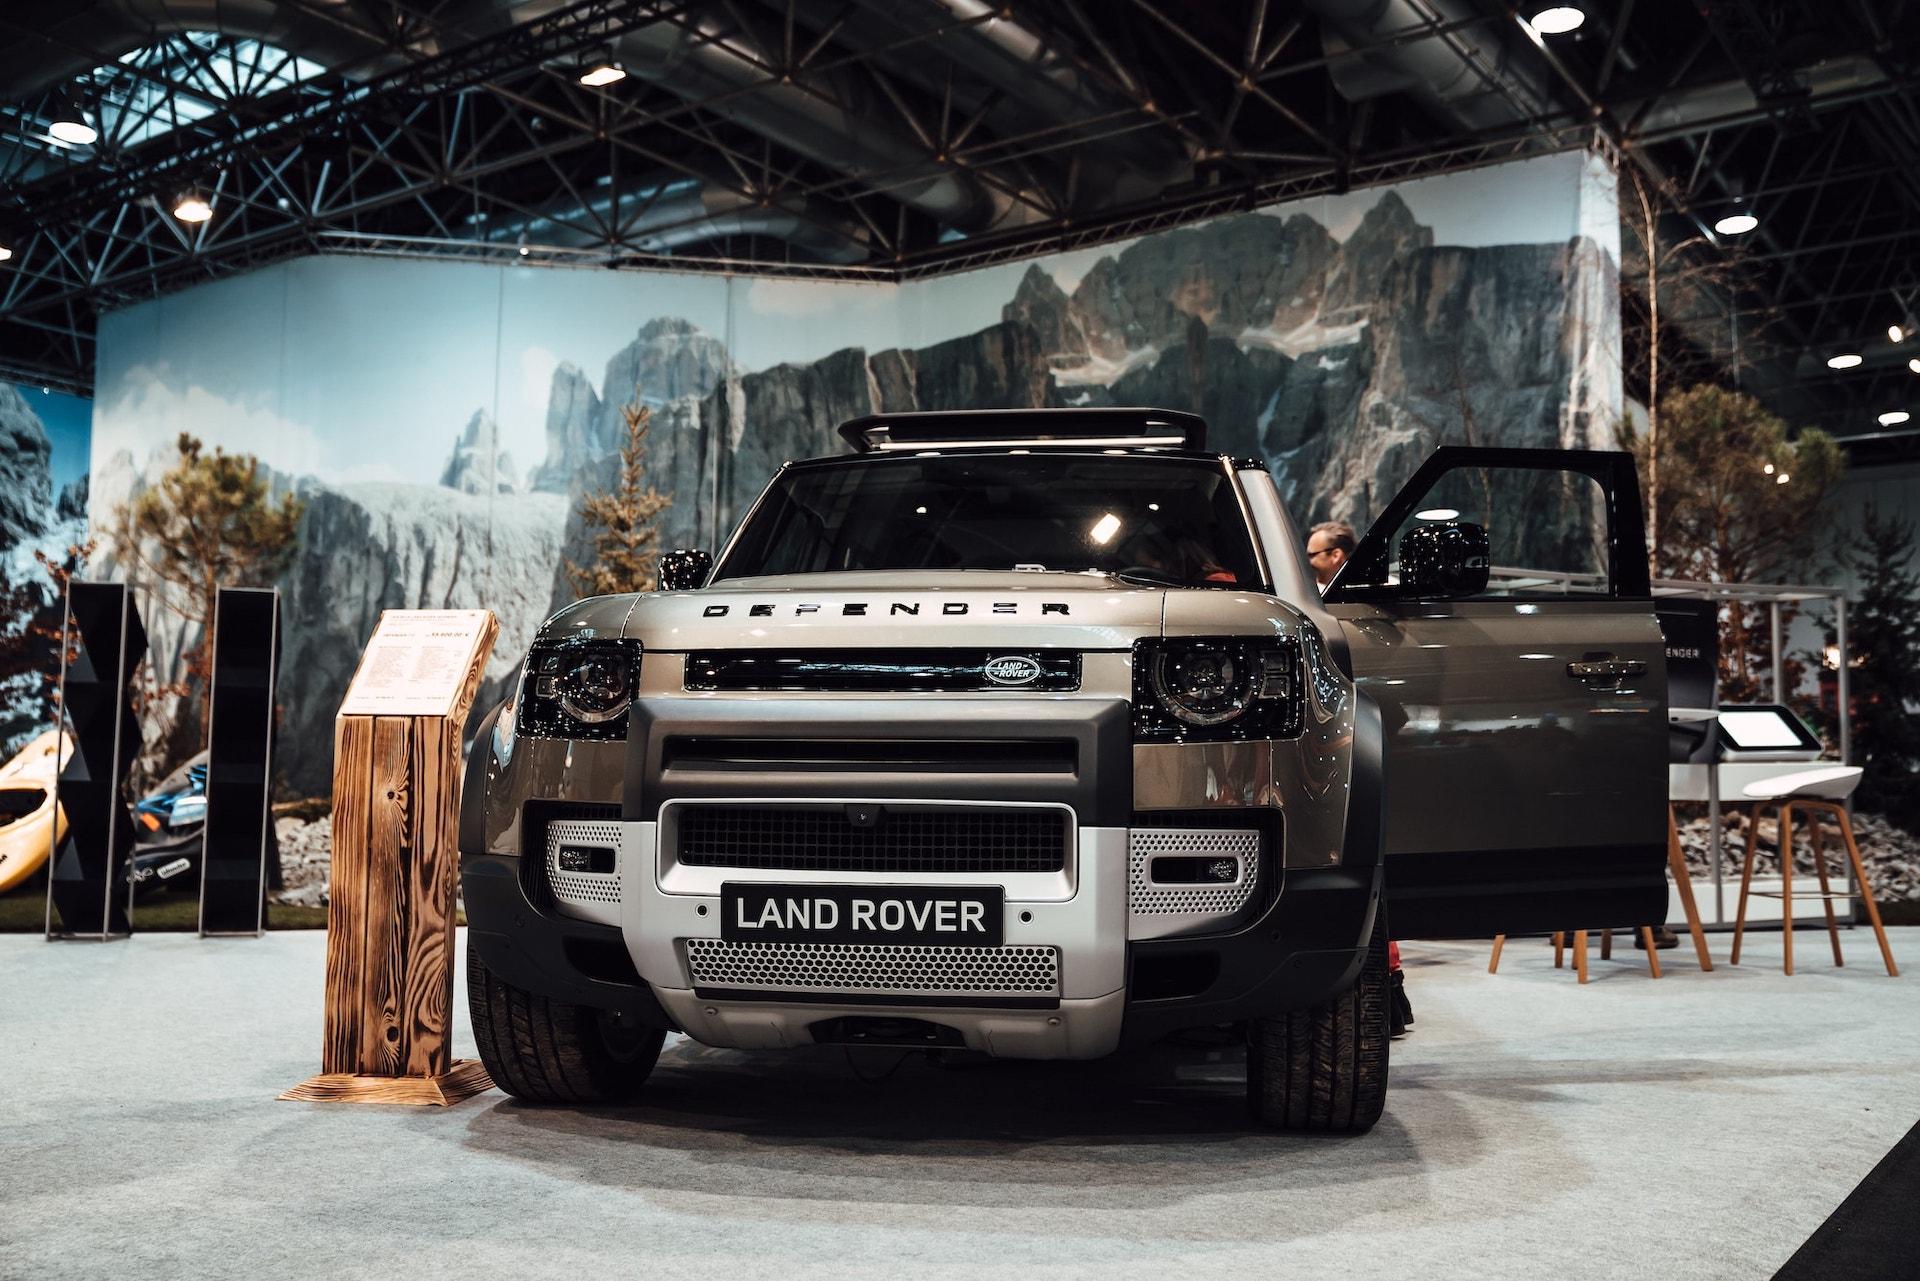 Boot 2020: Land Rover präsentiert den neuen Defender und weitere Highlights 1